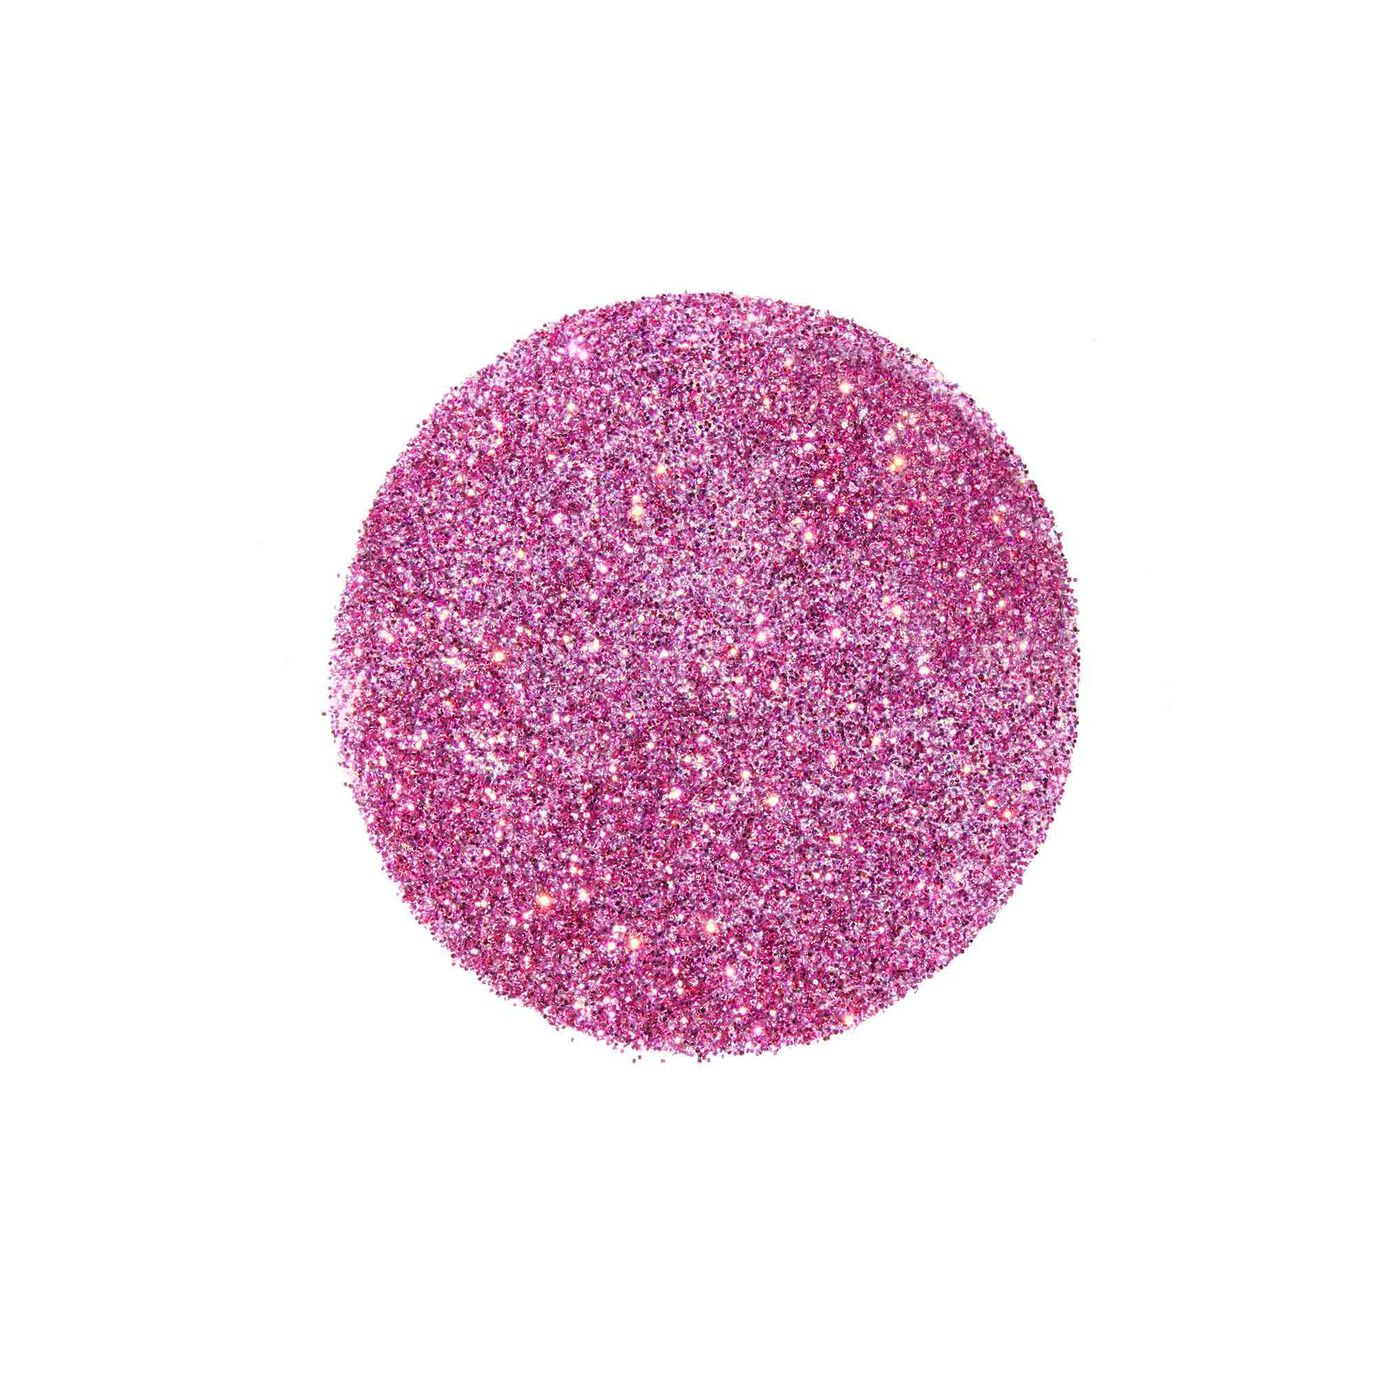 Love Loose Glitter - Aphrodite